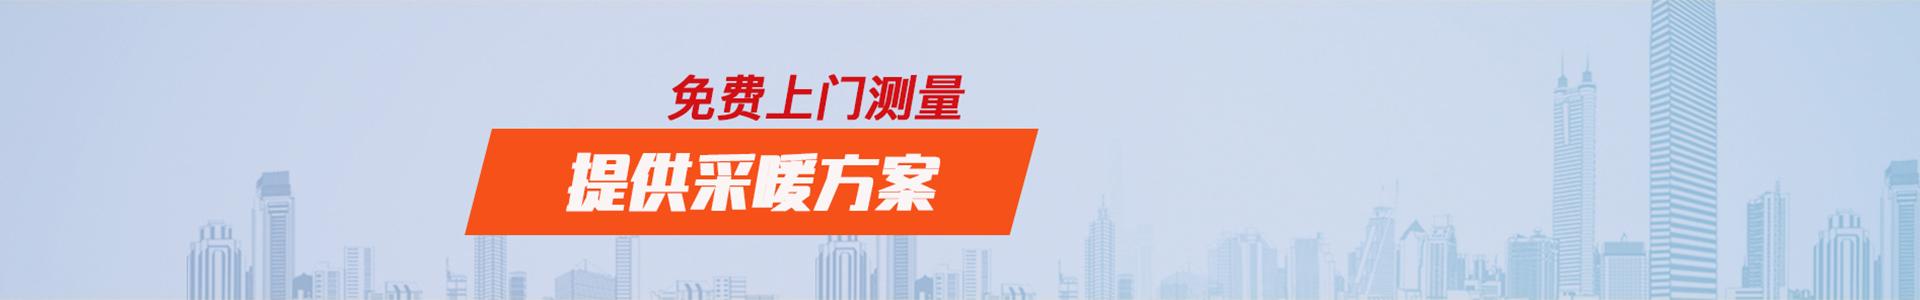 產品banner工程案例,新聞中心內頁大圖